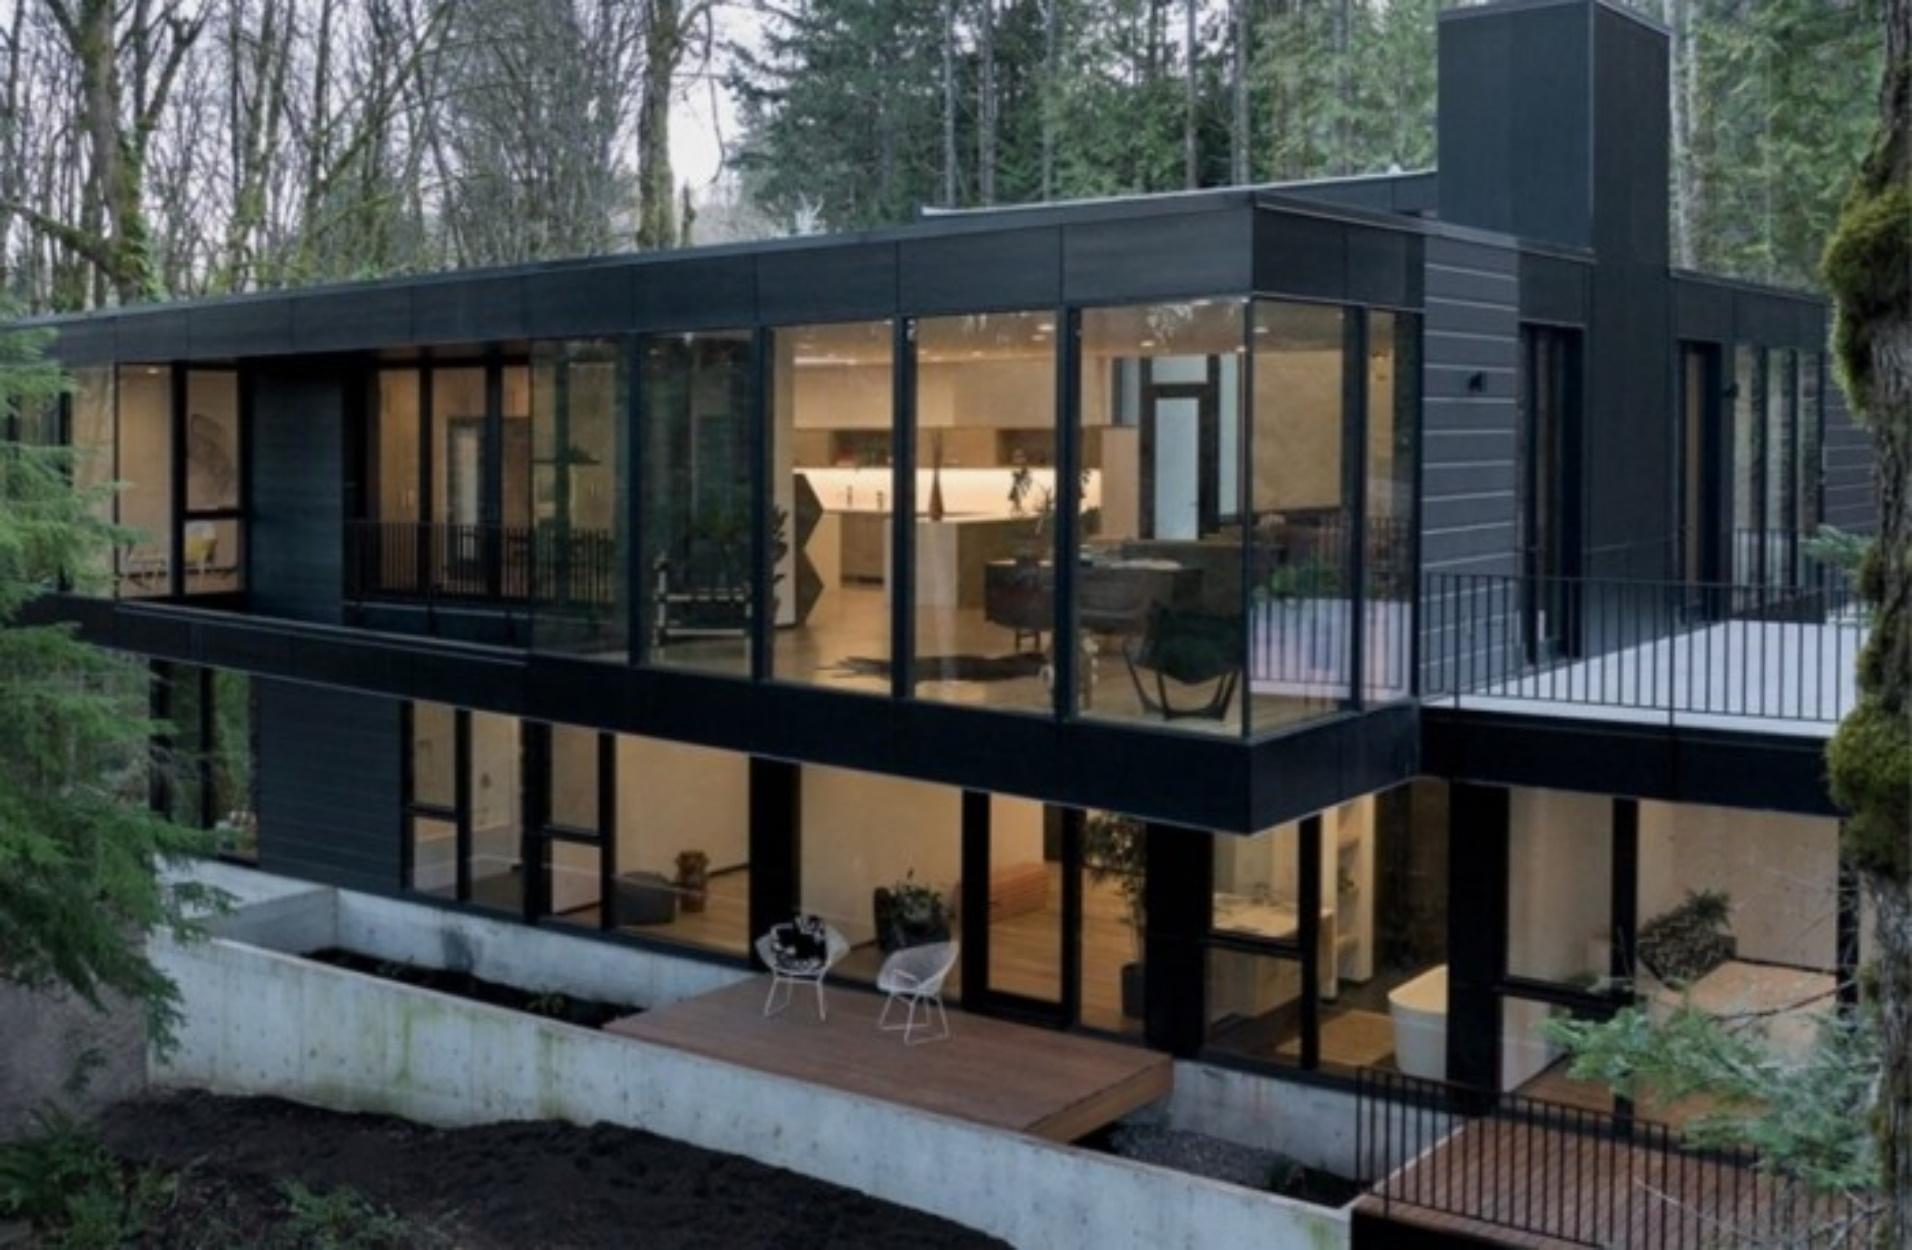 Μια πανέμορφη κατοικία στο δάσος που θα σας αφήσει με το στόμα ανοιχτό!